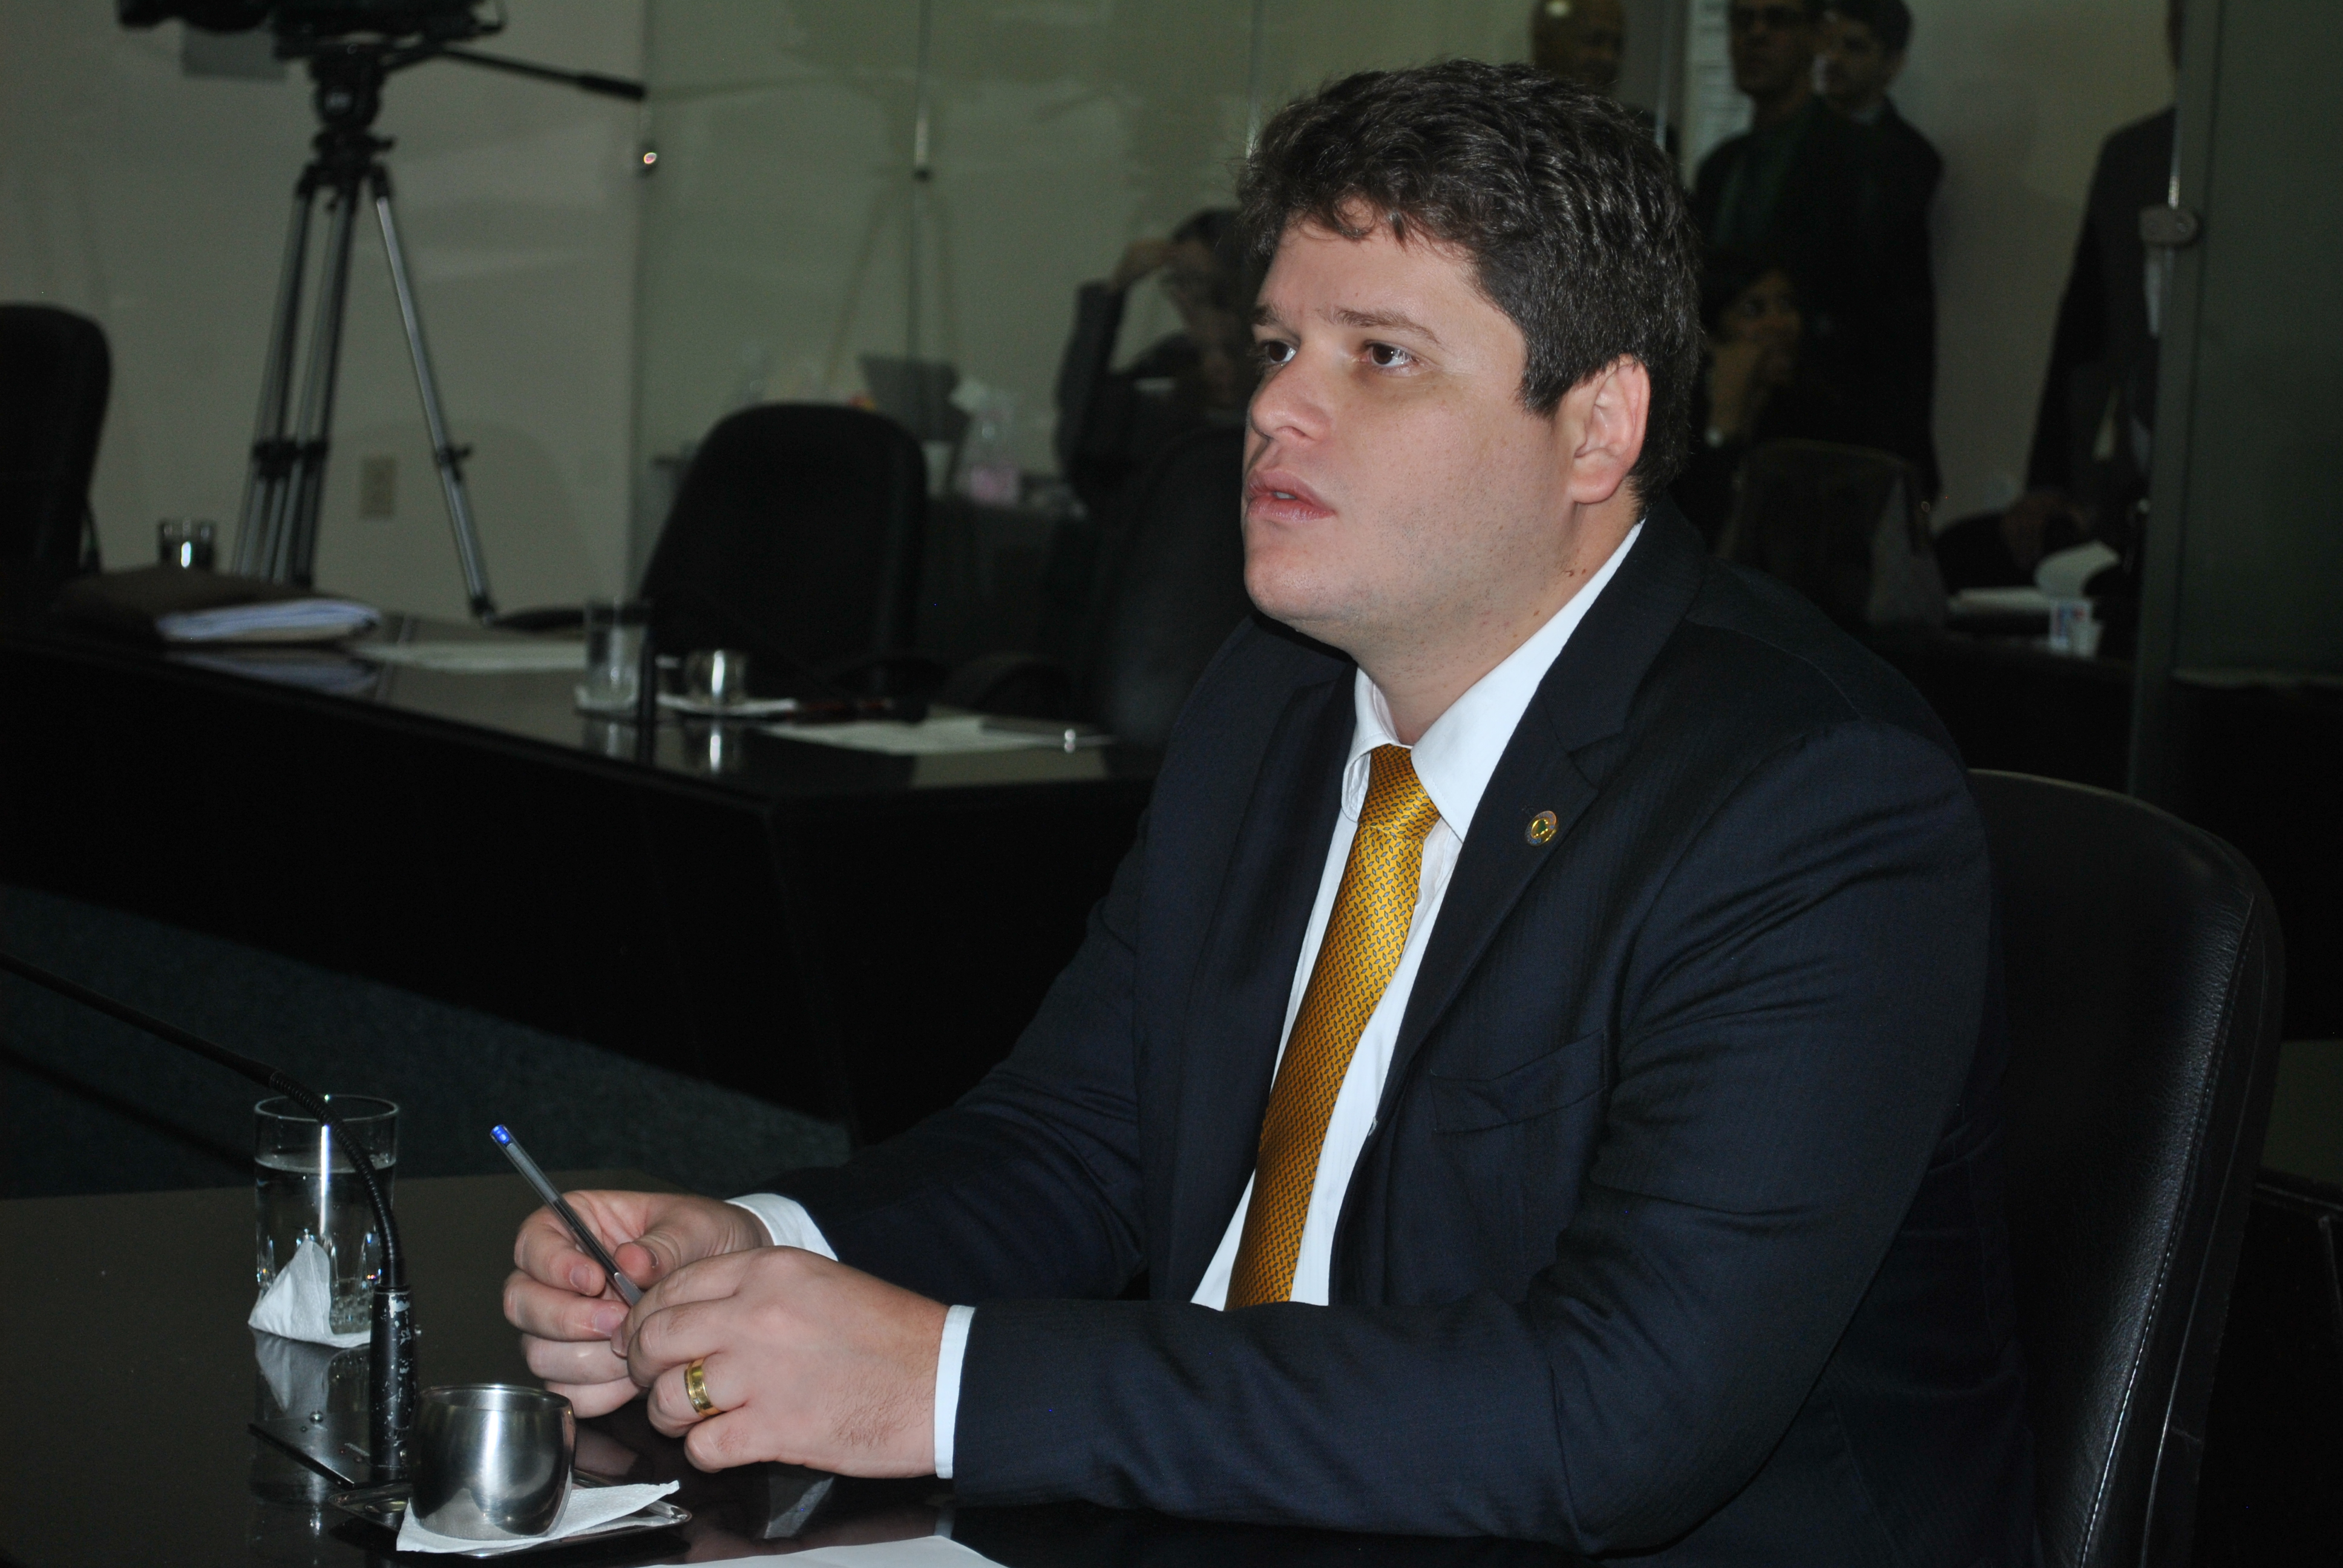 Davino destaca decisão judicial que suspende obrigação das faculdades de pagar o Fies